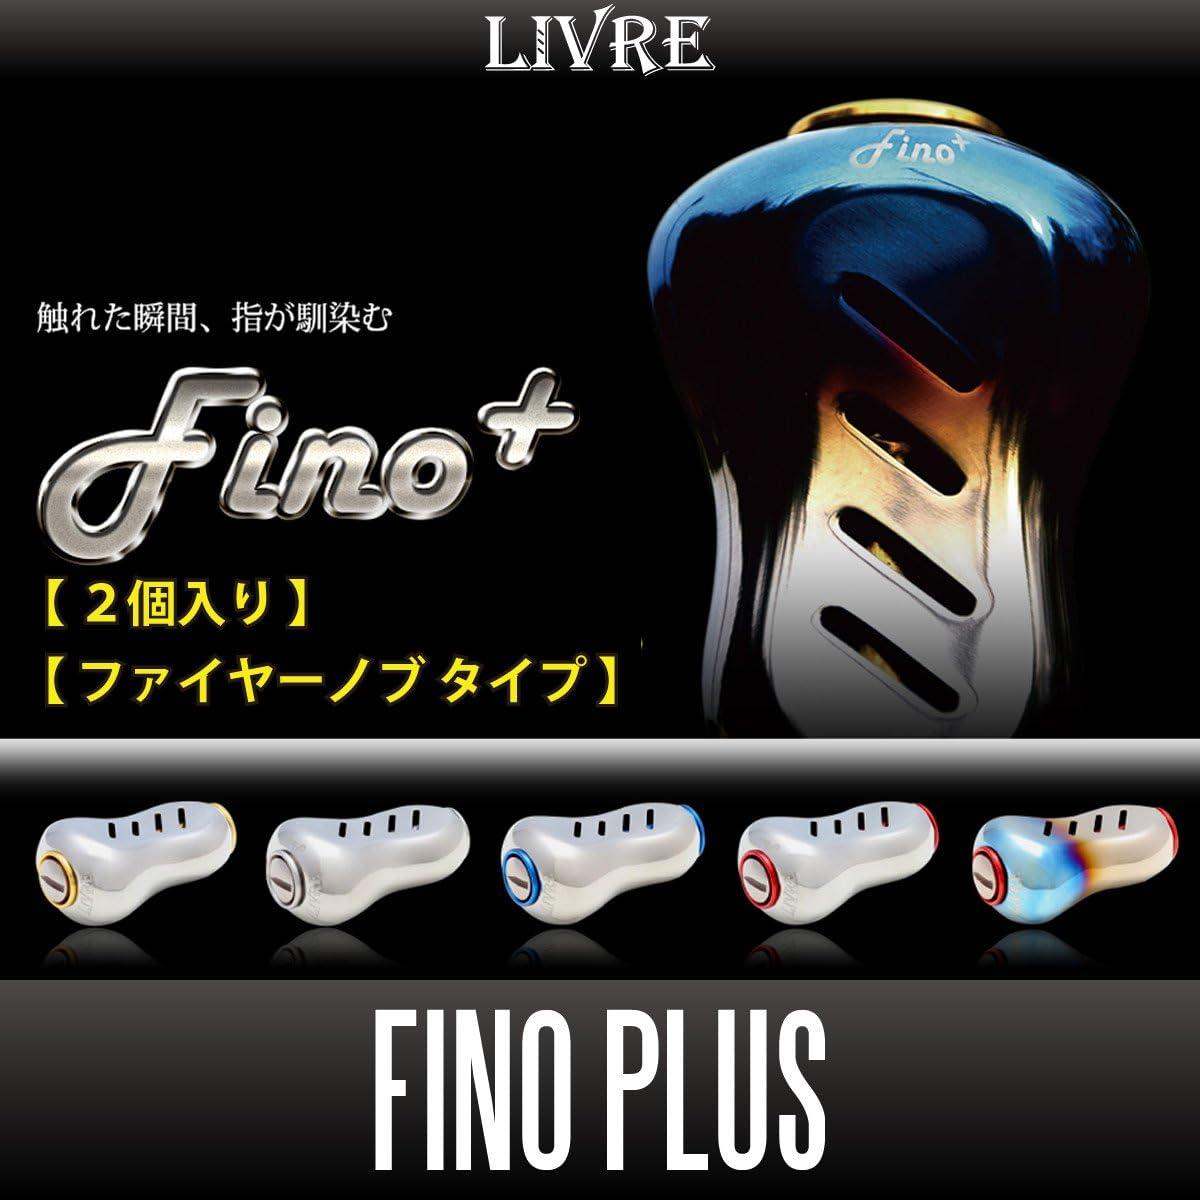 【リブレ/LIVRE】 Fino+(フィーノプラス) チタニウム ハンドルノブ 【イージーカスタム特注品:2個入り】